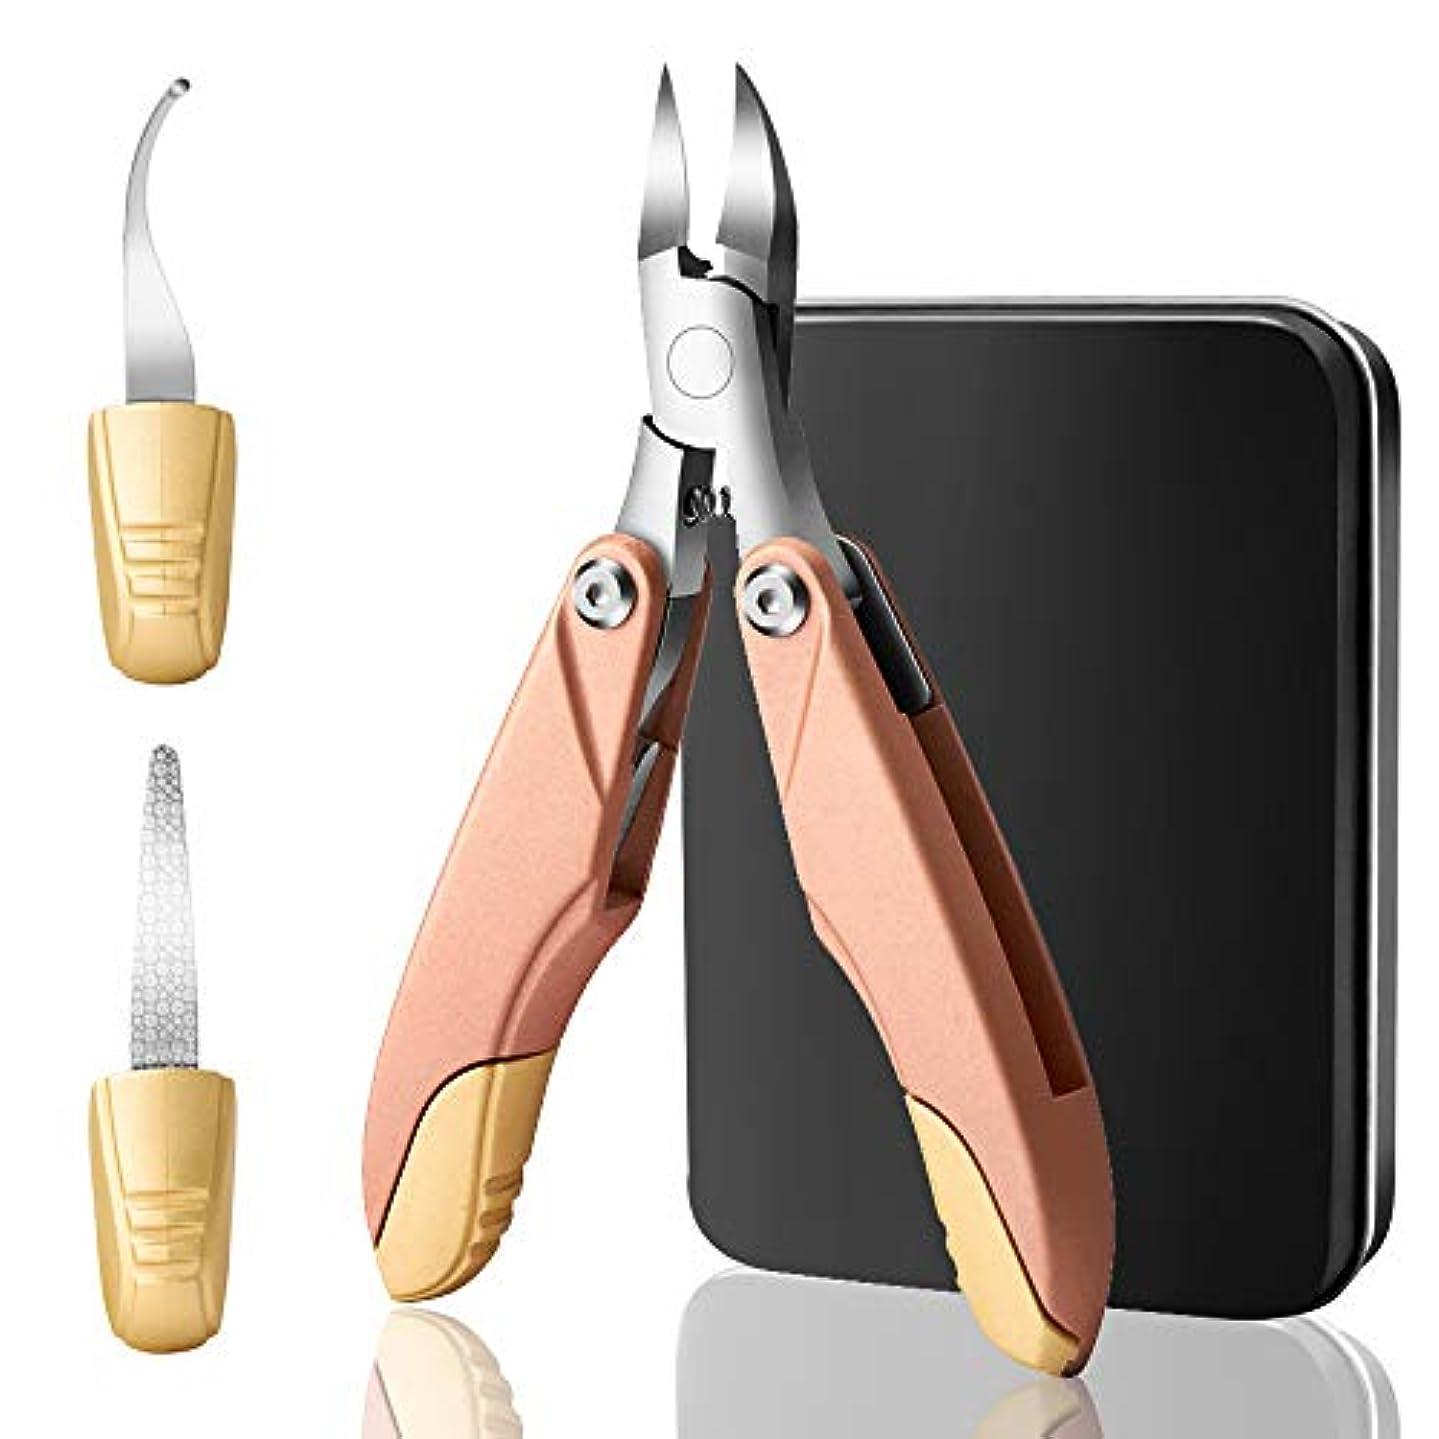 材料写真ビルマYunTech 爪切り3in1 ニッパー爪切り ステンレス製 折り畳み式 巻き爪 硬い爪などにも対応 ゾンデ/爪やすり付き 手足兼用 収納ケース付き (ローズゴールド)